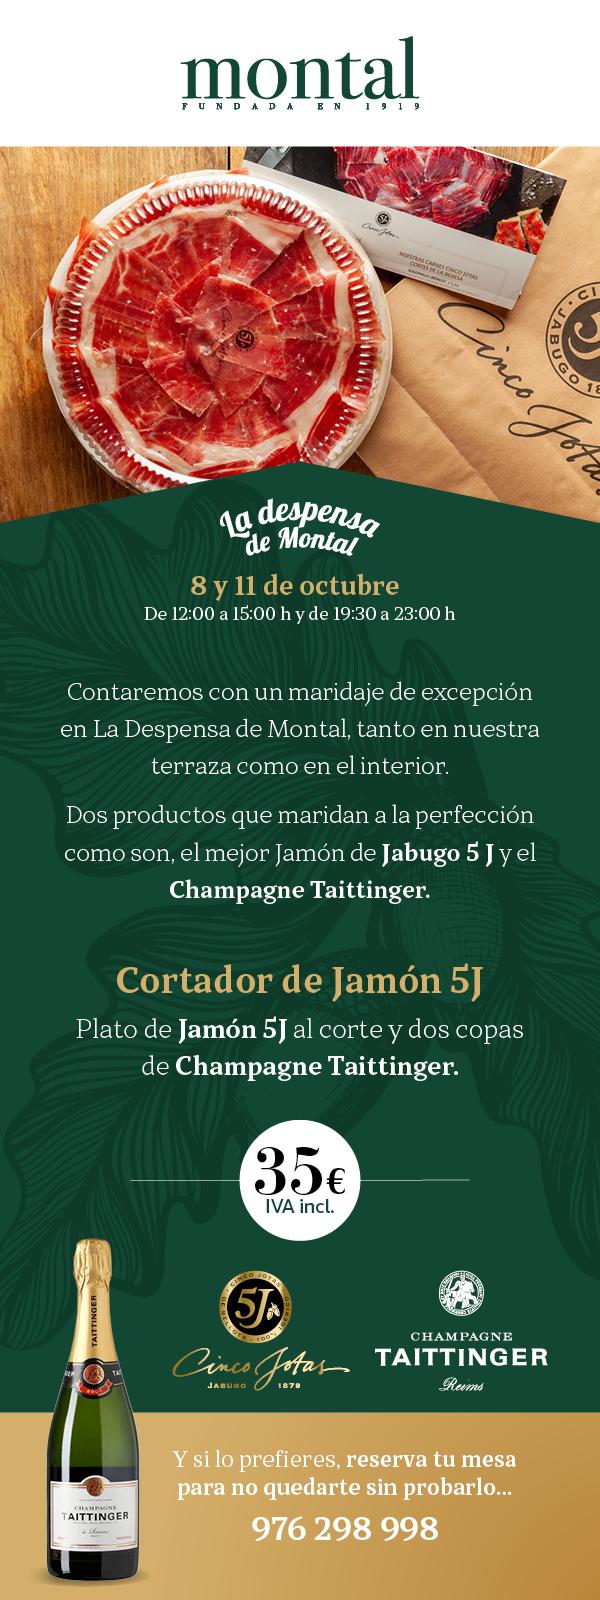 ¡Maridaje Jabugo 5j y Champagne Taittinger!